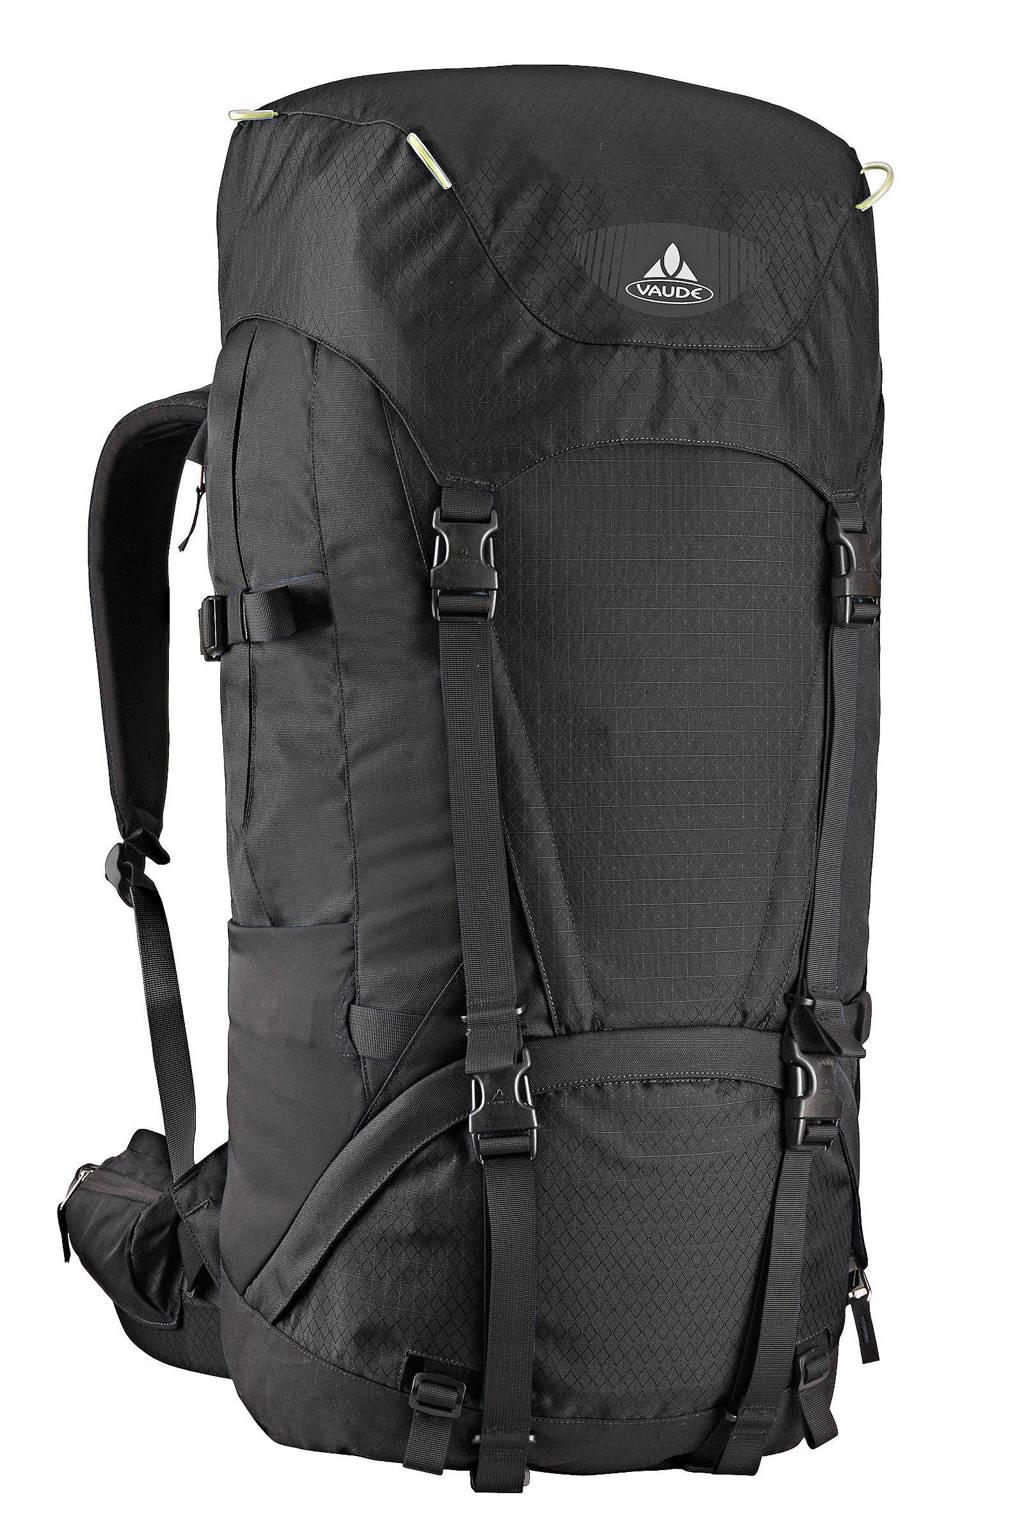 152ec79ed4b Vaude Astrum 70+10 XL Astra backpack rugzak (65+10 L) | wehkamp